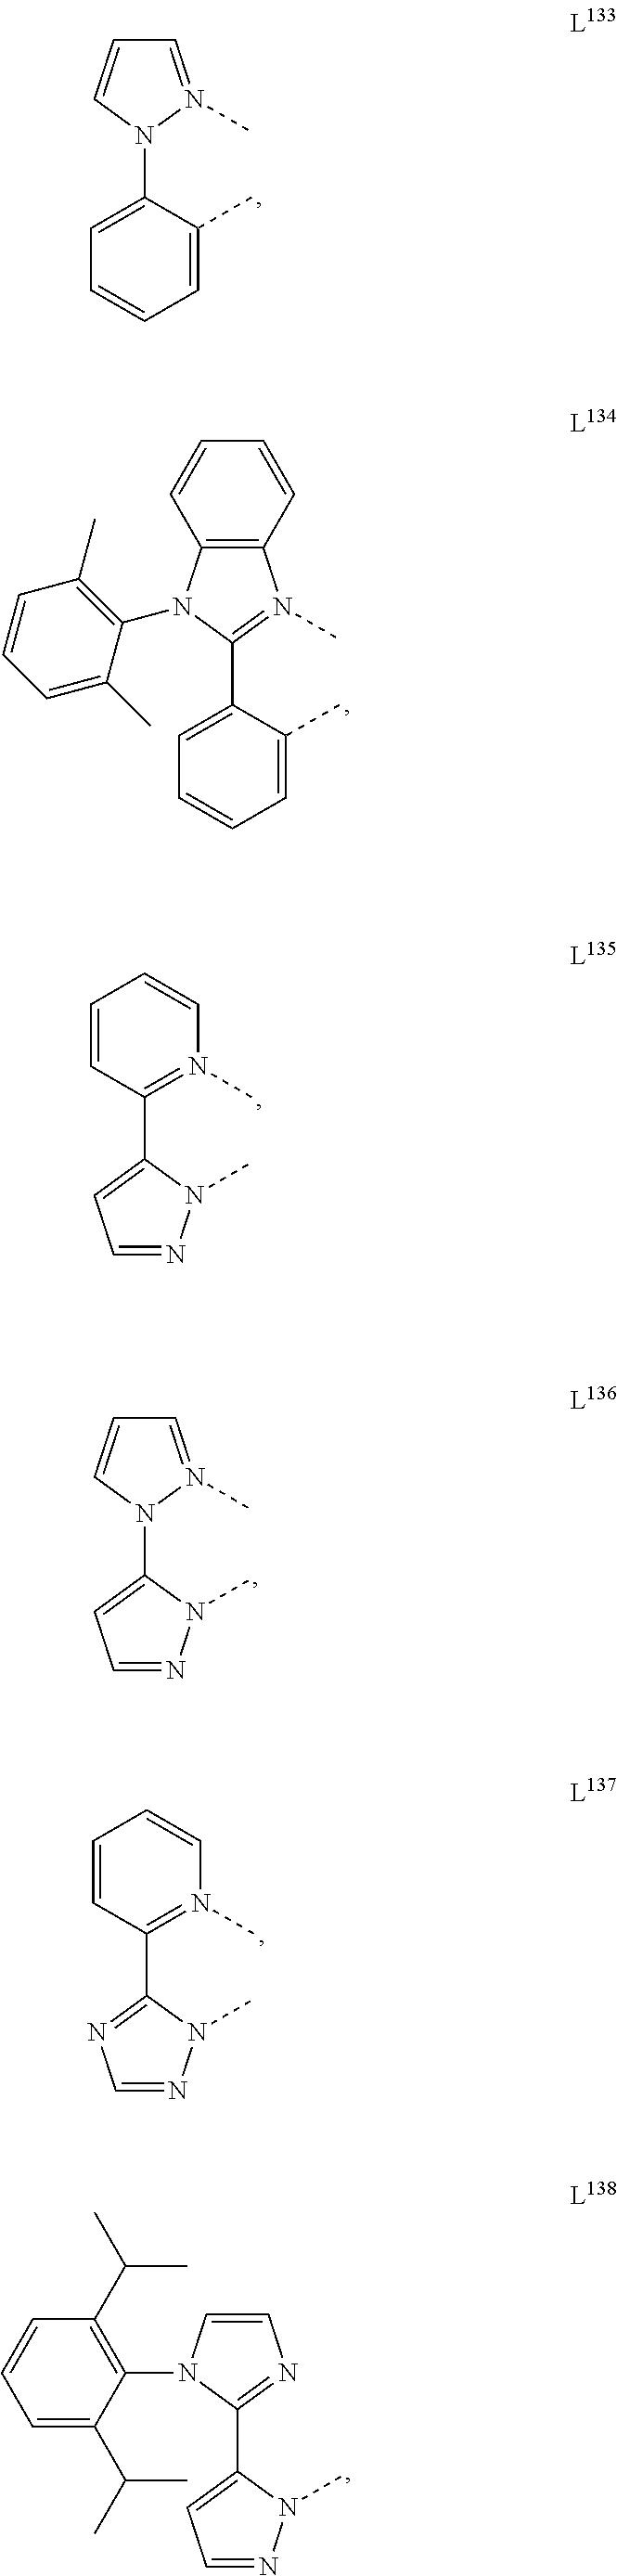 Figure US09306179-20160405-C00013